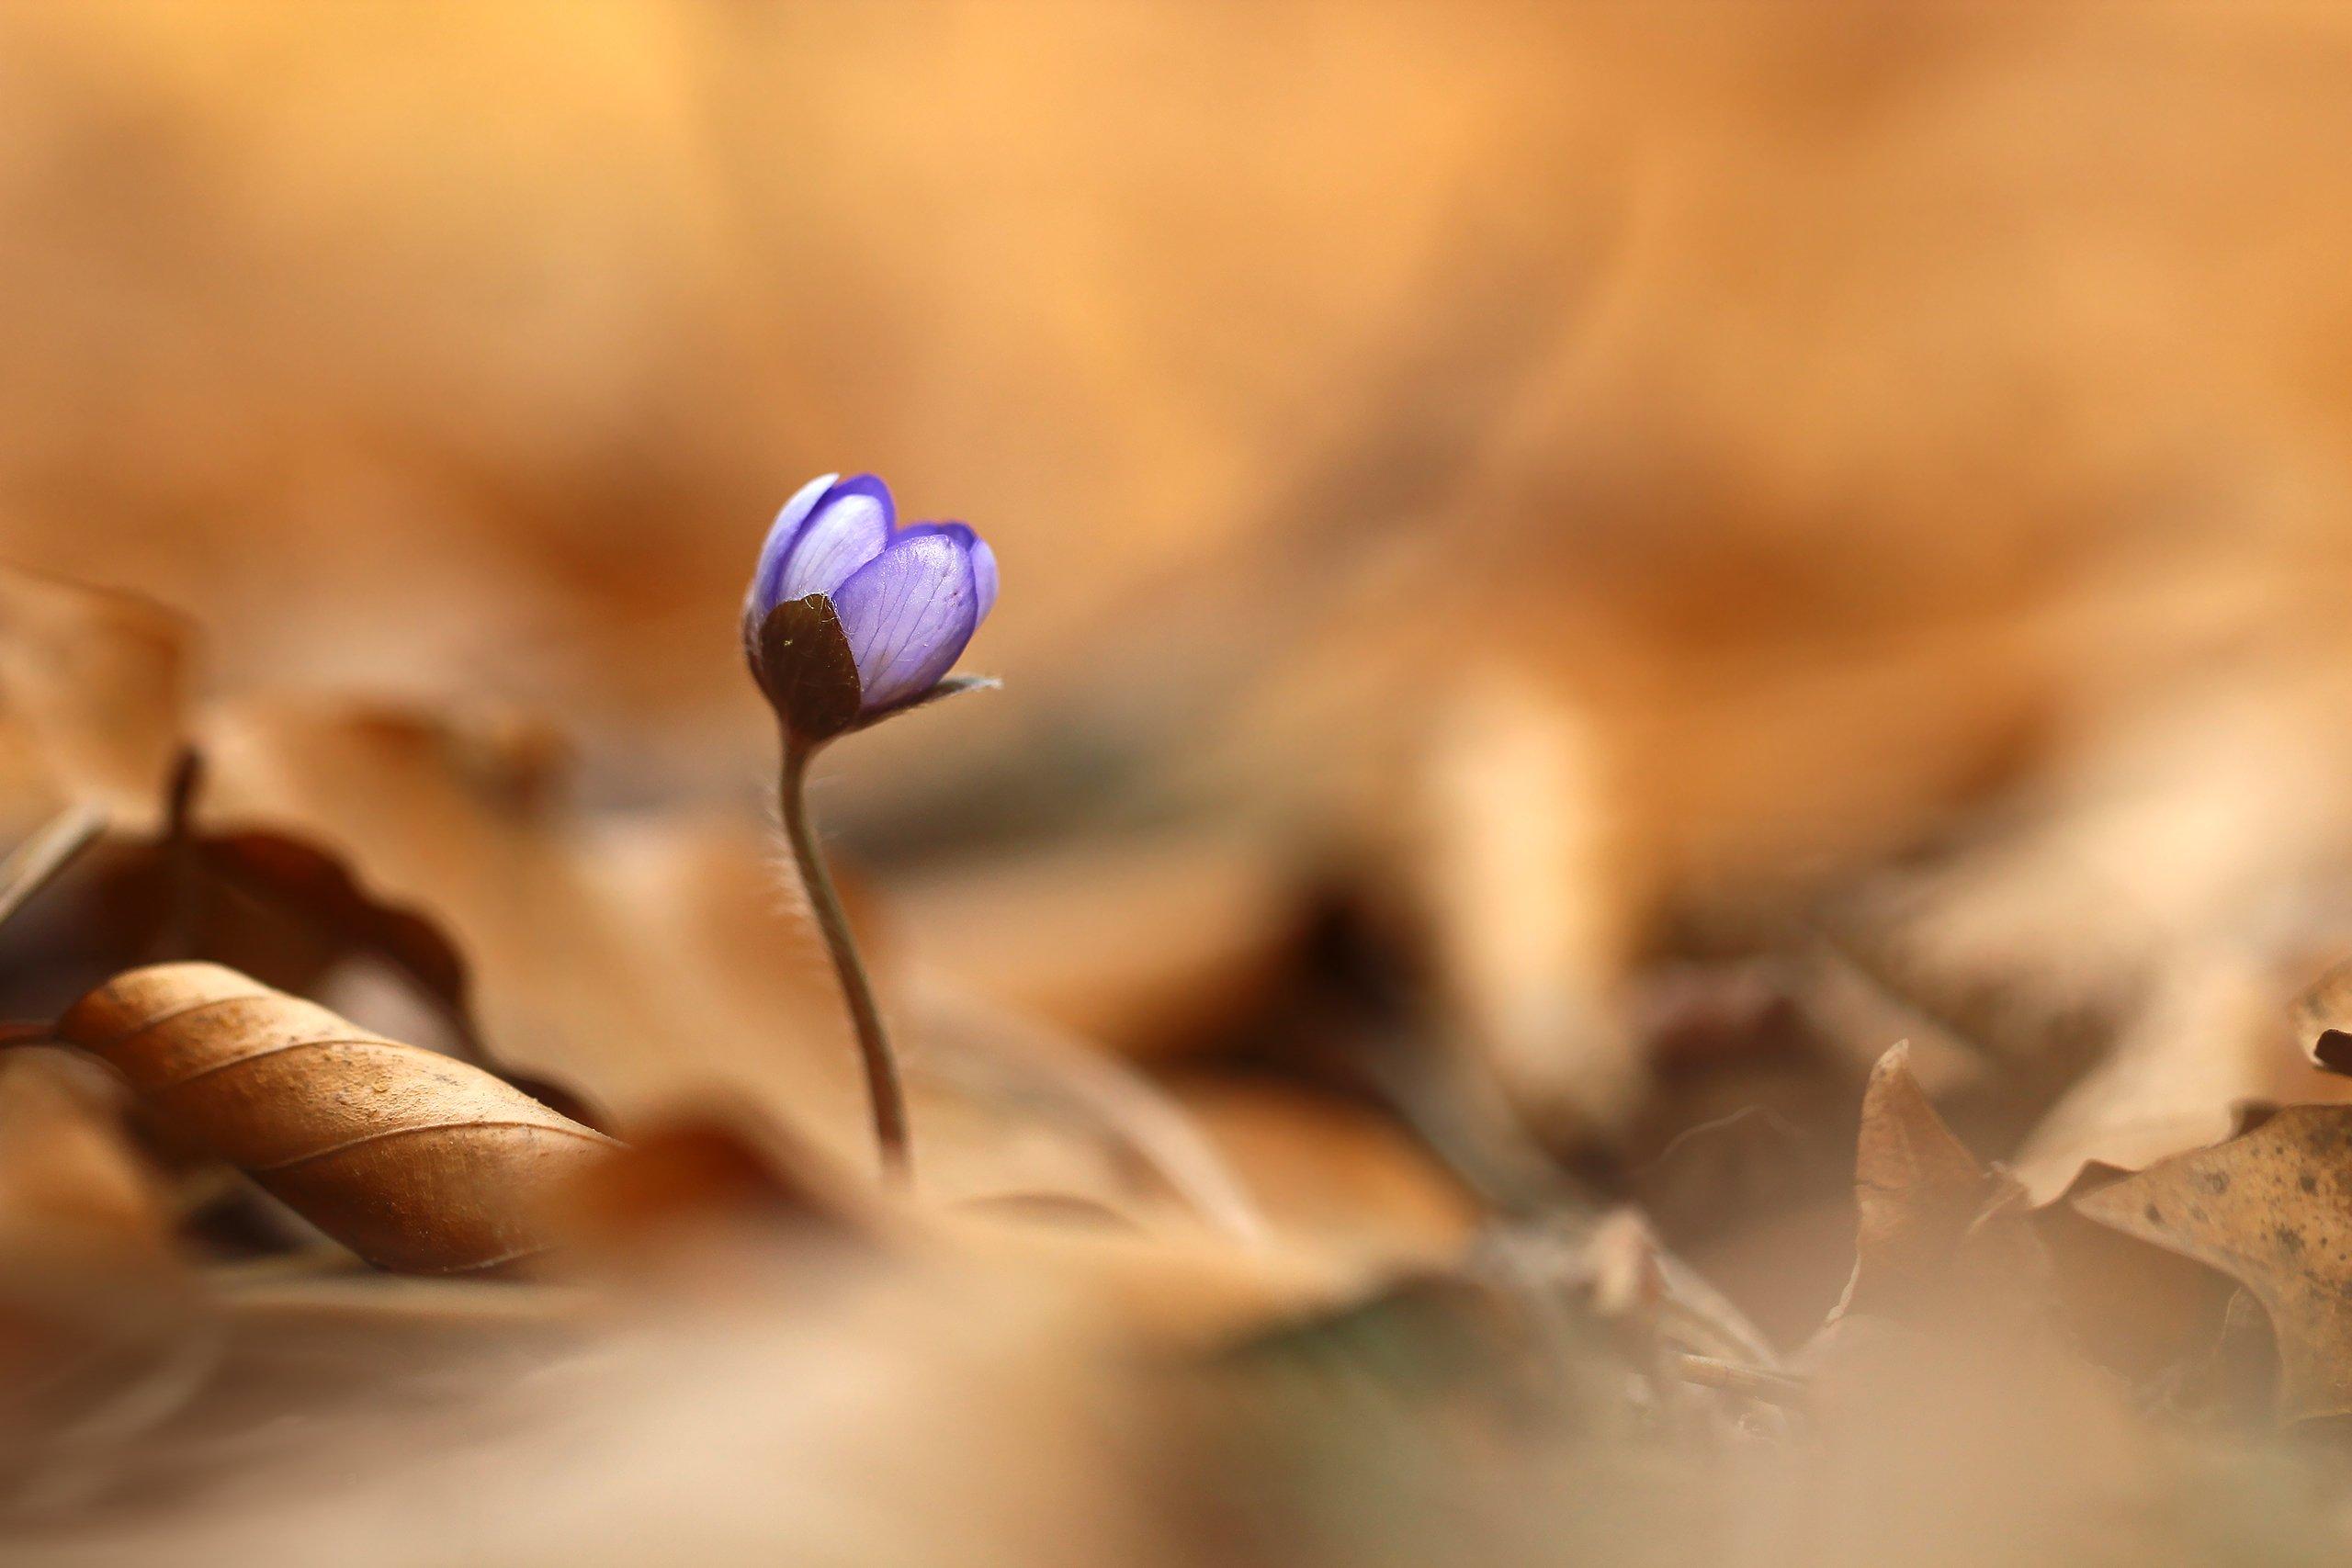 przylaszczka,kwiat,natura,przyroda, Grażyna Nowotna